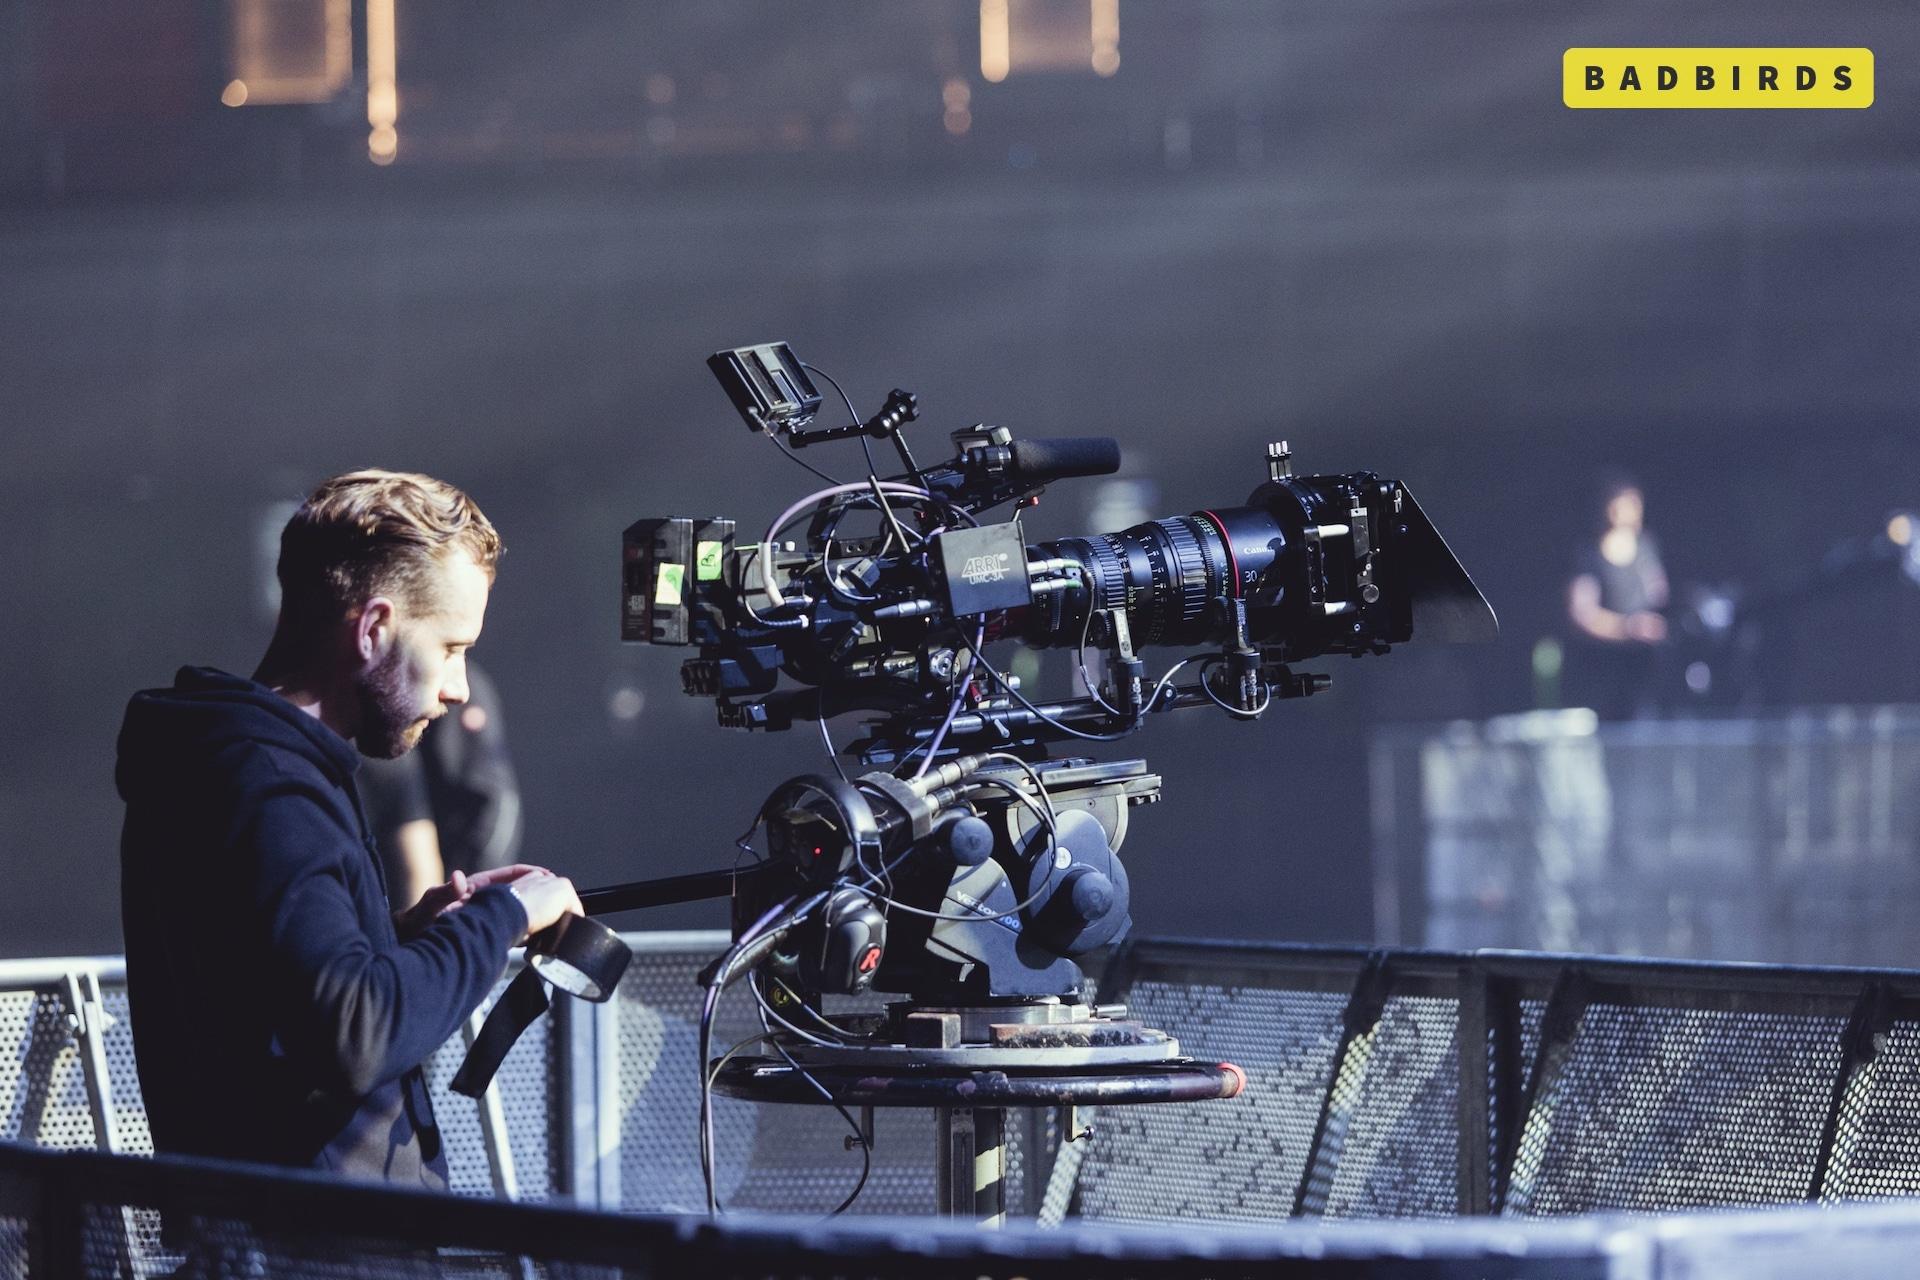 Bmcreations Badbirds PabloBustos Cameraman